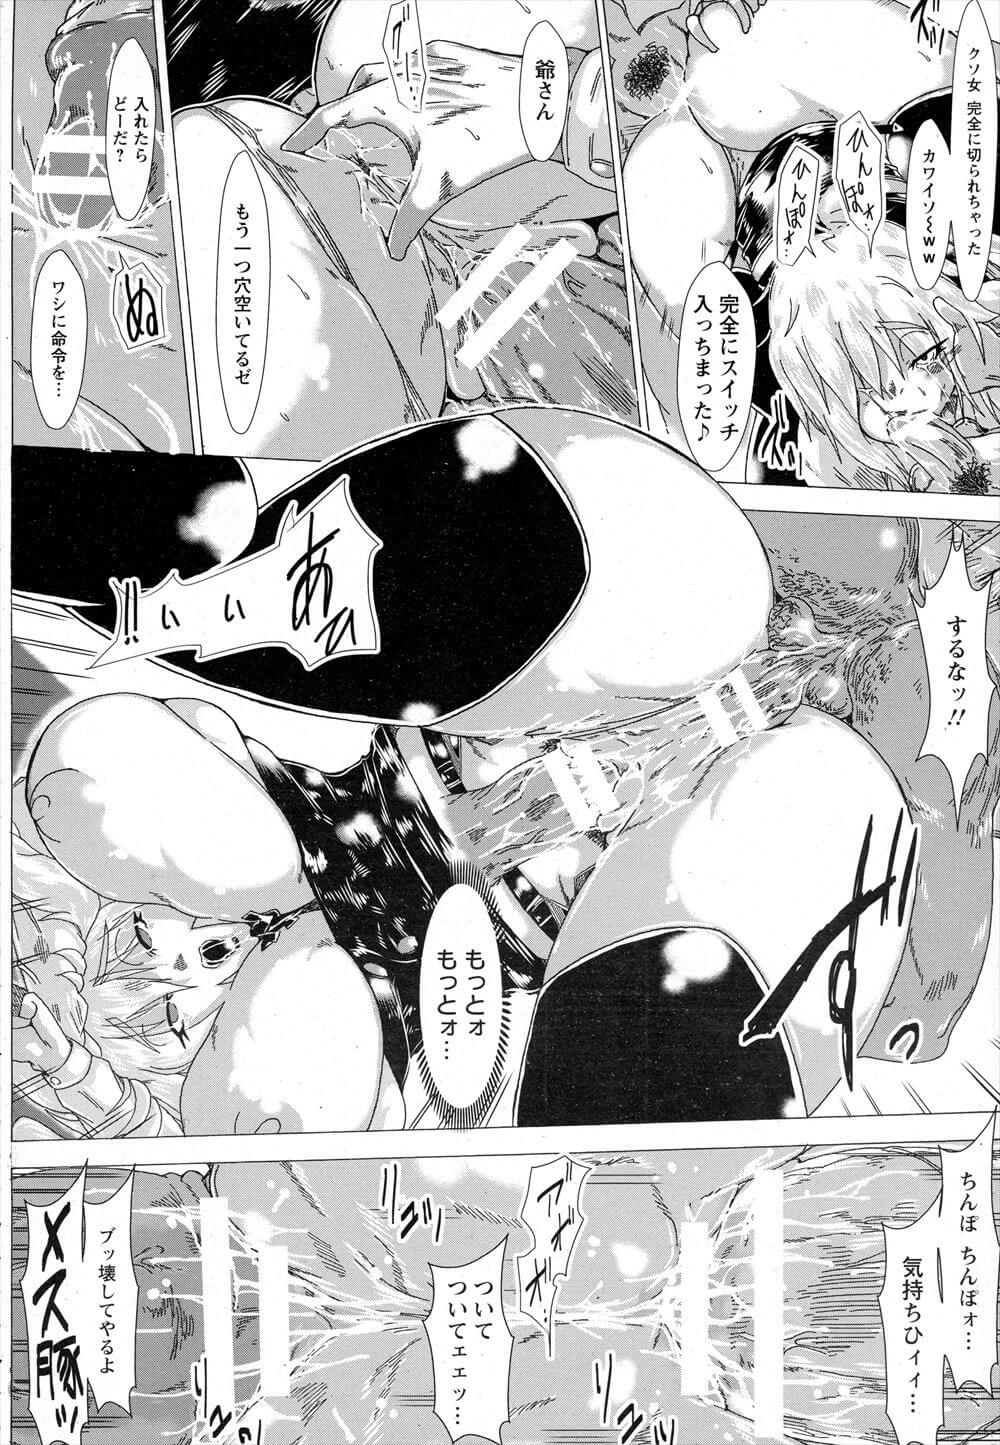 【エロ漫画】いつも偉そうにしていた女上司が社長によって調教済みで捨てられて犯していいと言われたら…!【無料 エロ同人】 (18)